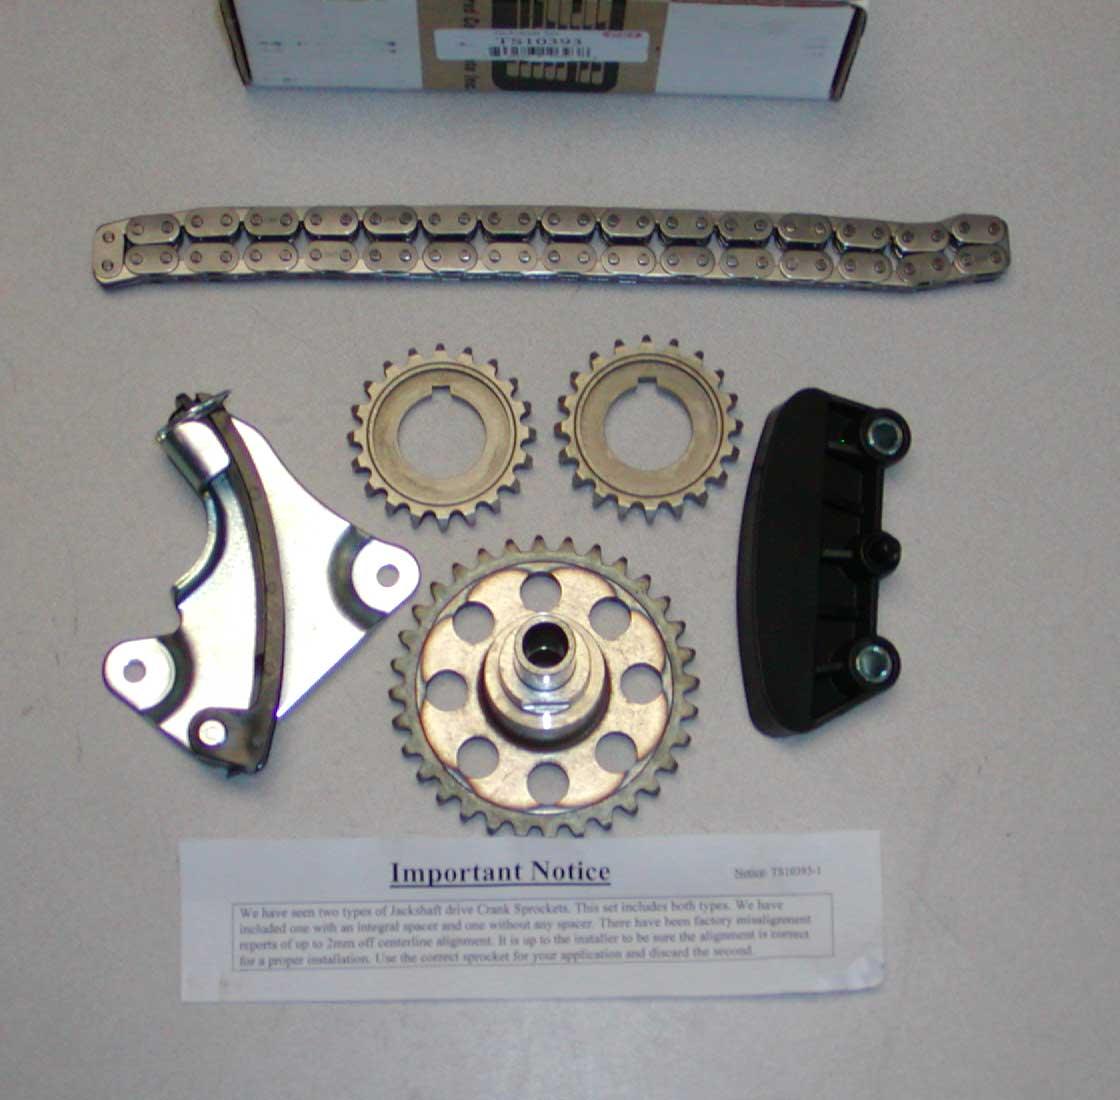 1997-2005 Ford Explorer Ranger 4.0 Timing Chain Set